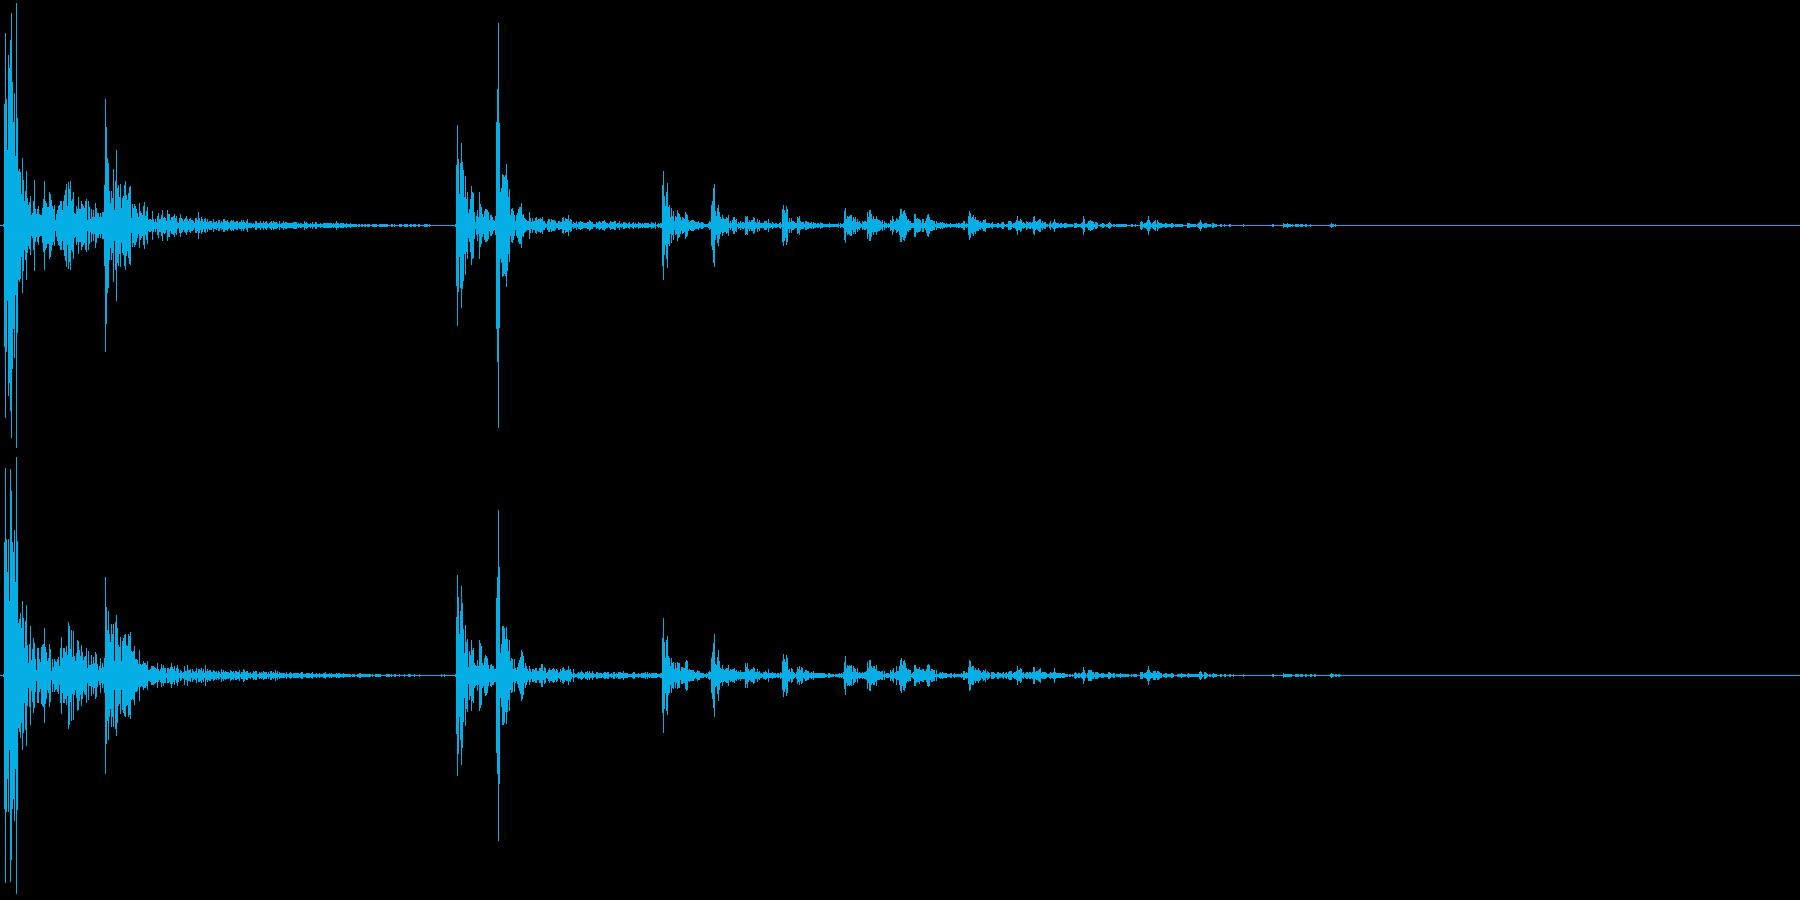 【生録音】プラスチックの容器が転がる 1の再生済みの波形